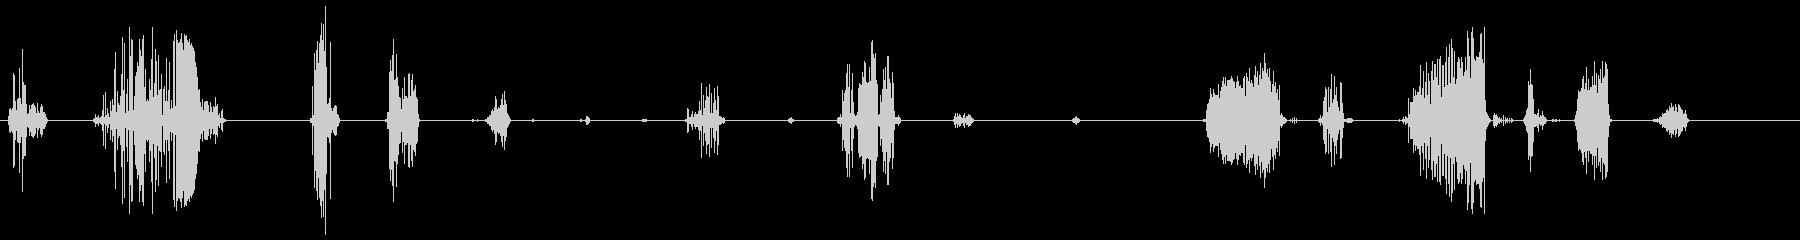 ラマ・ギャグ、スクリーチ。鼻音と甲...の未再生の波形